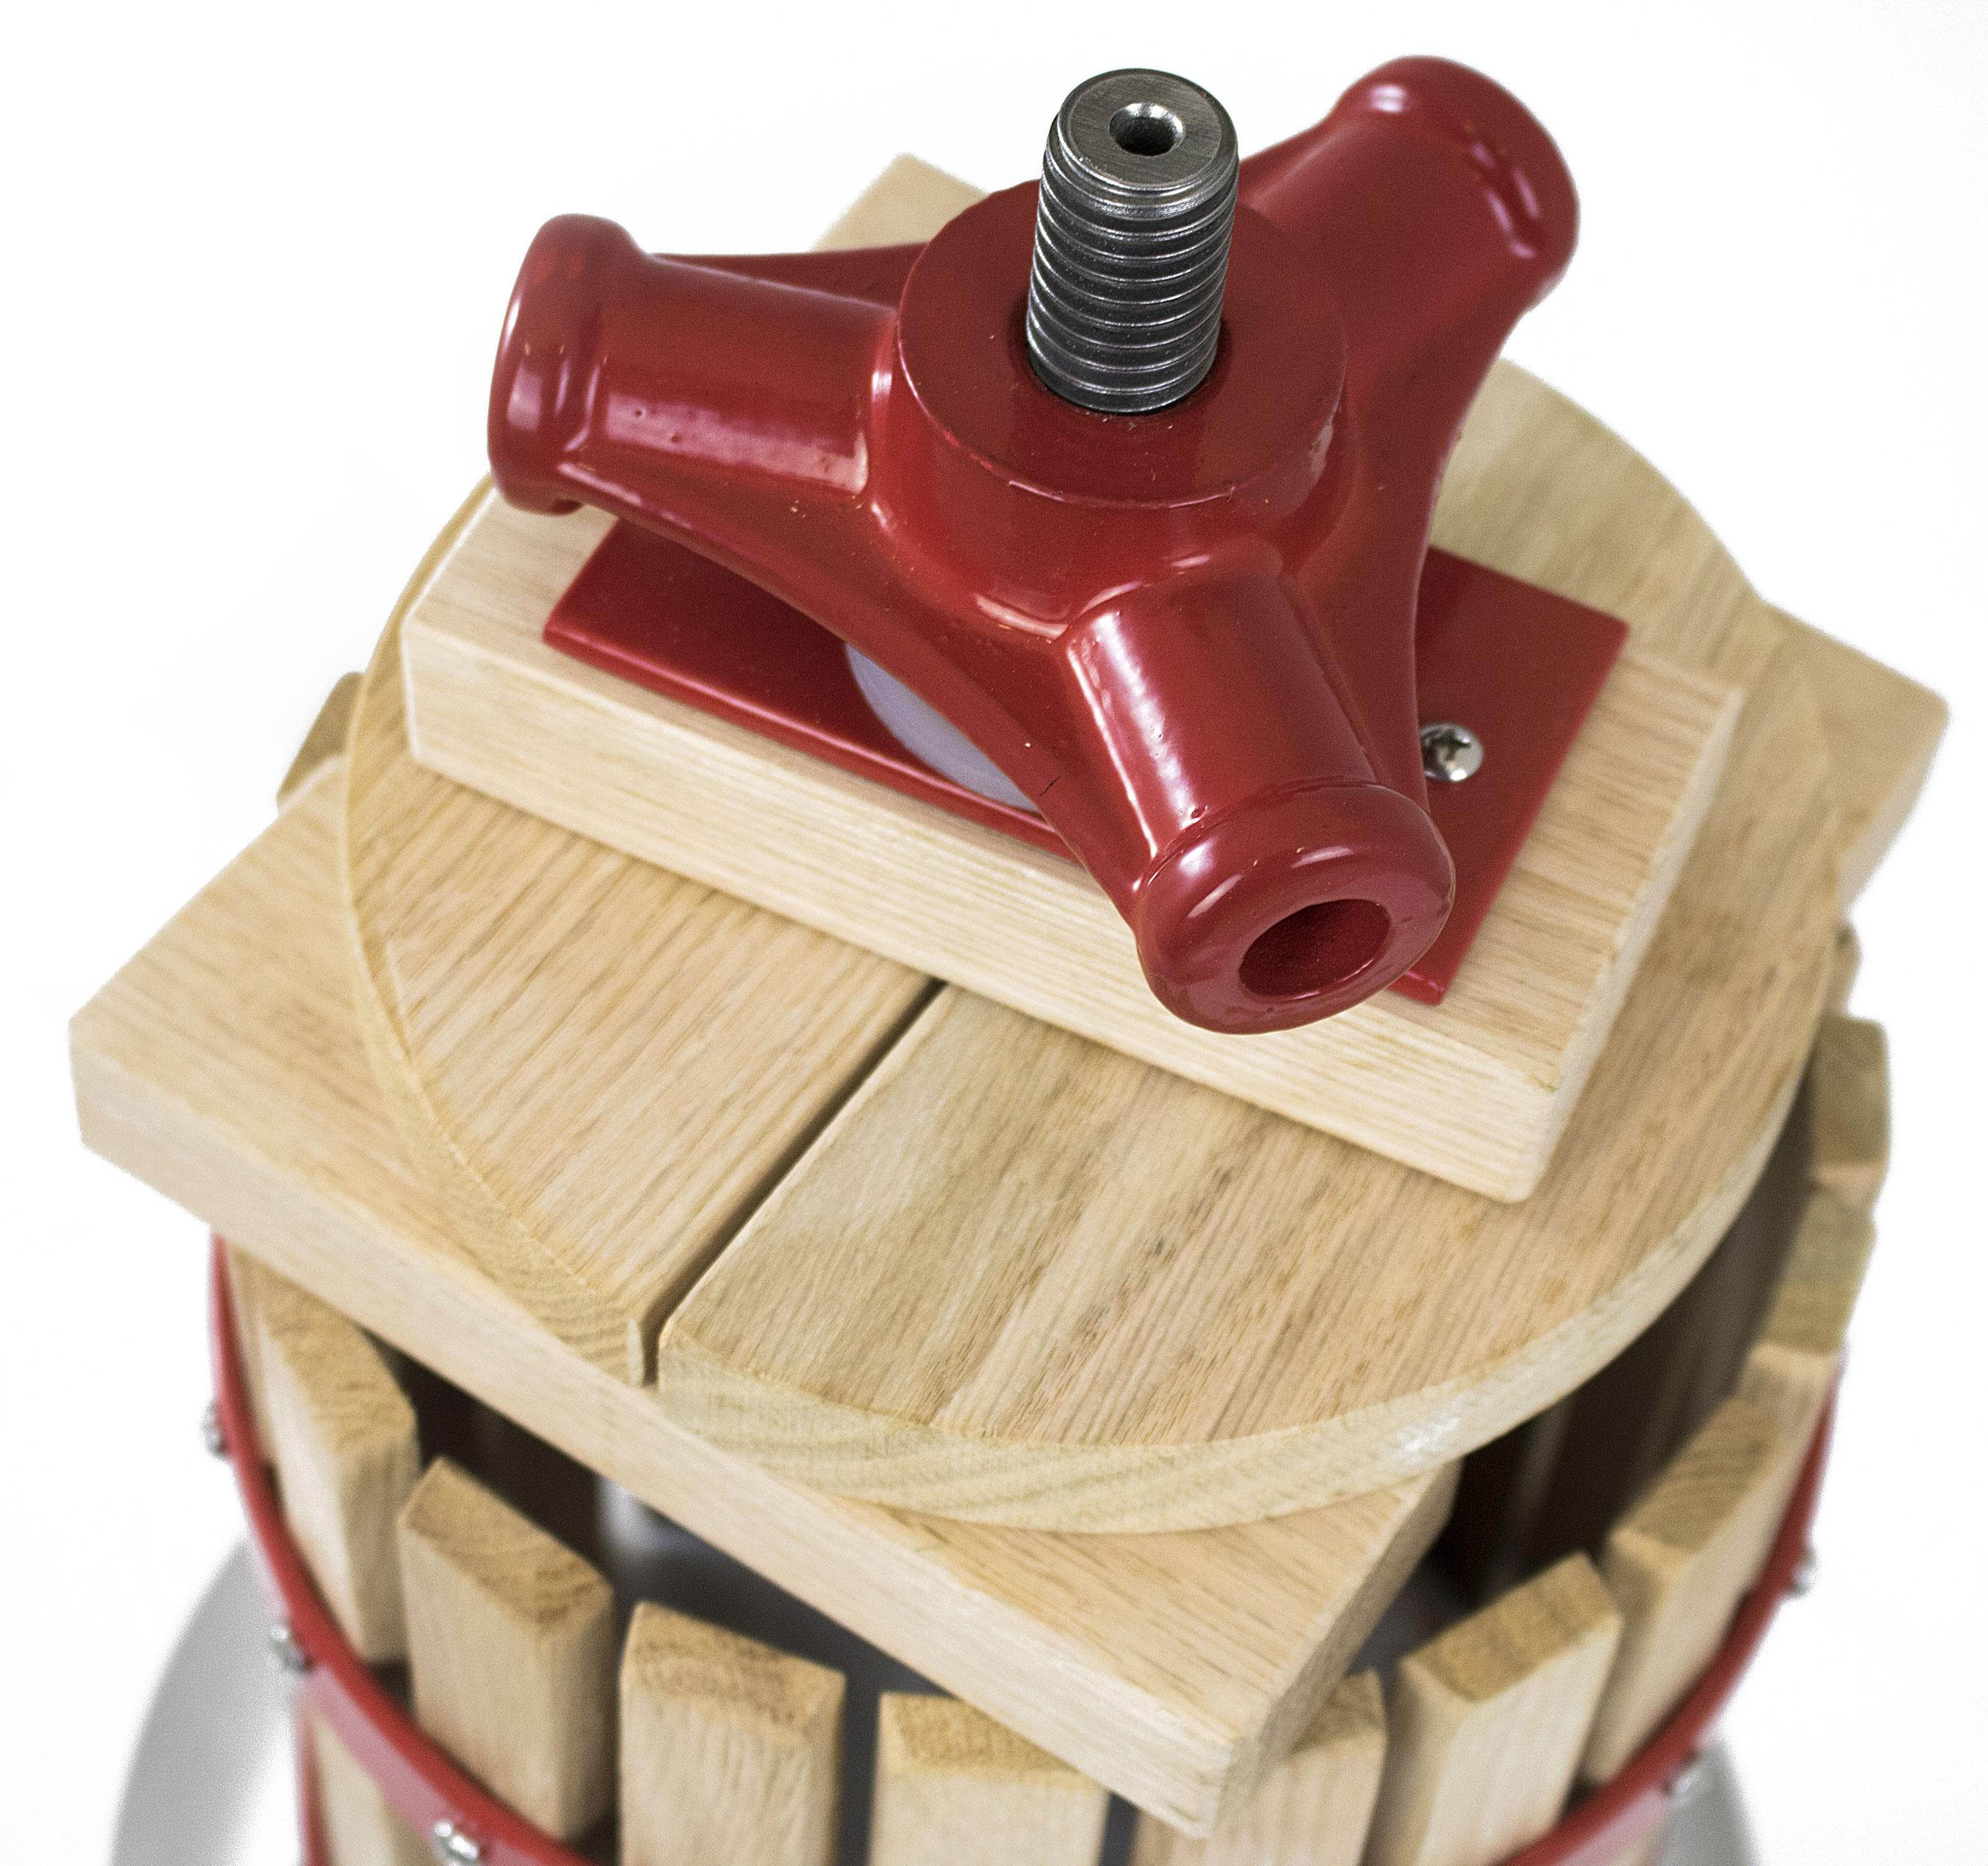 Güde Obstpresse / Beerenpresse OP 6 Holz 6 Liter Bild 2